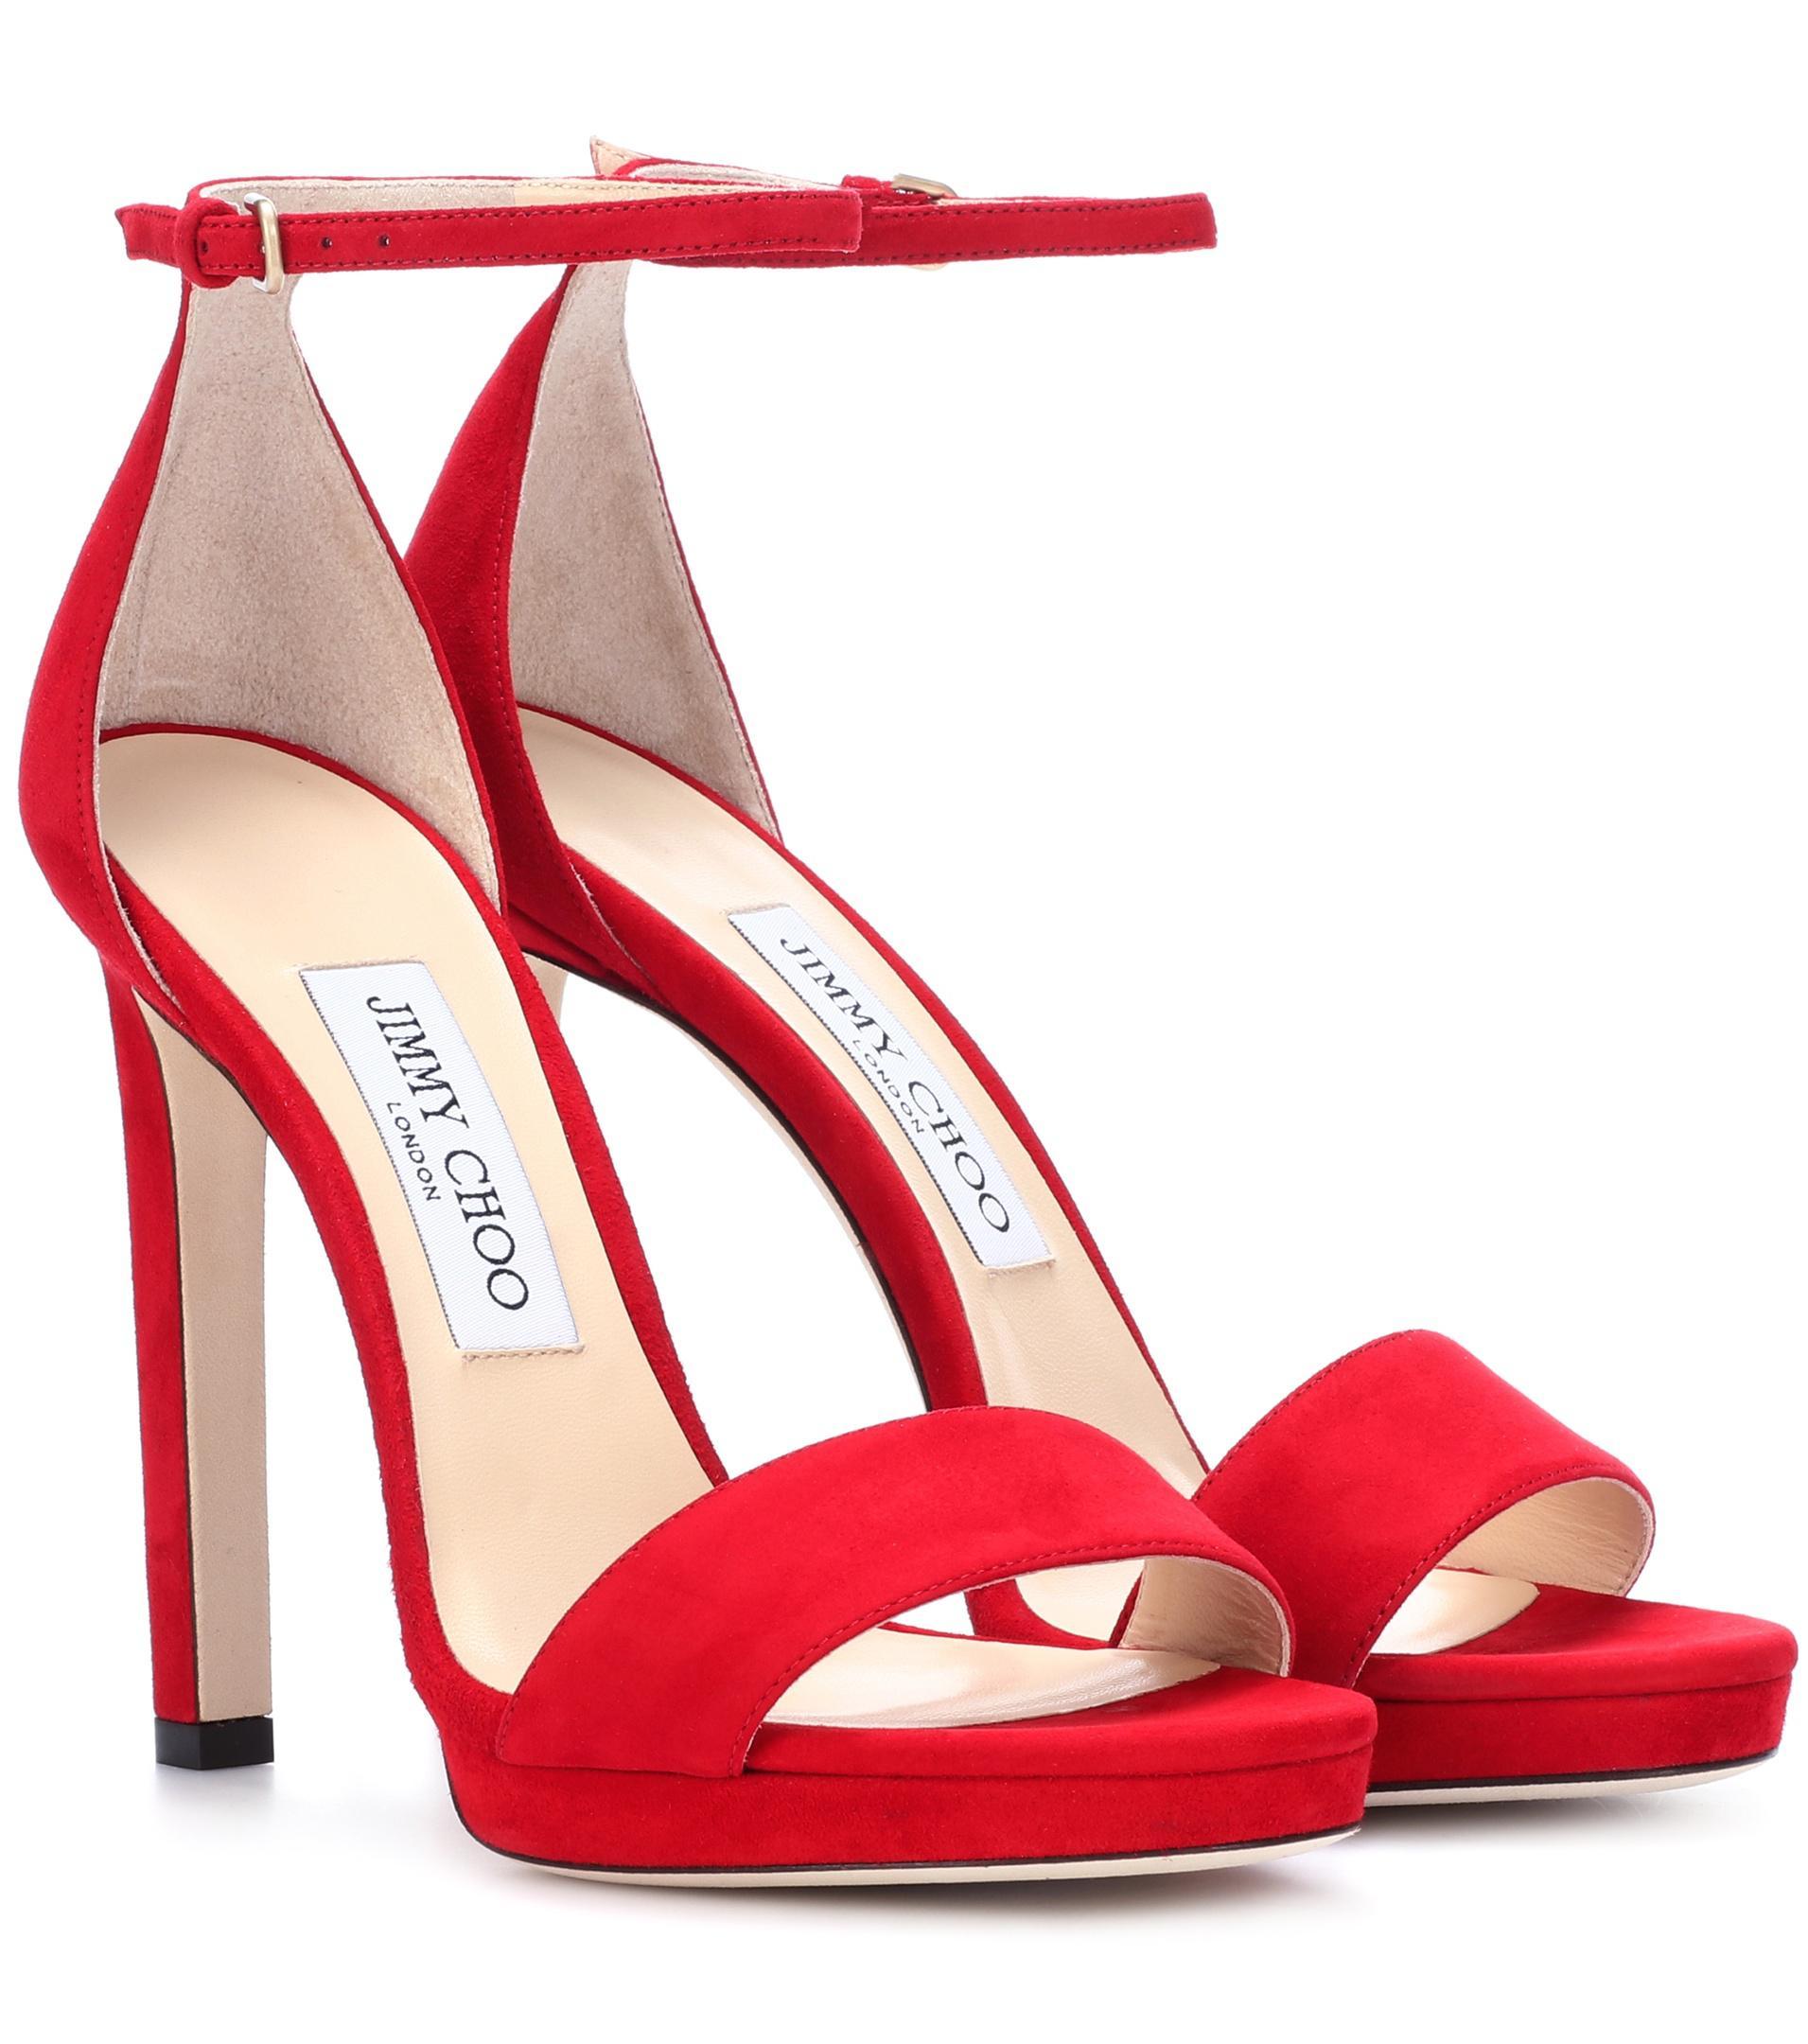 Jimmy Choo Misty 120 suede sandals official site online JHvqR7Kou